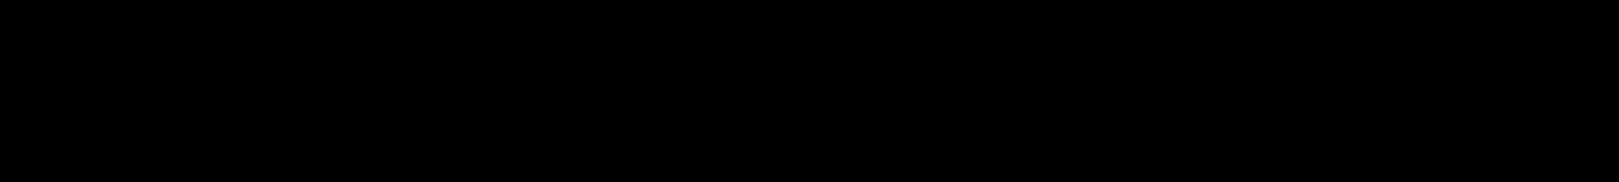 Ying Semi Bold Italic